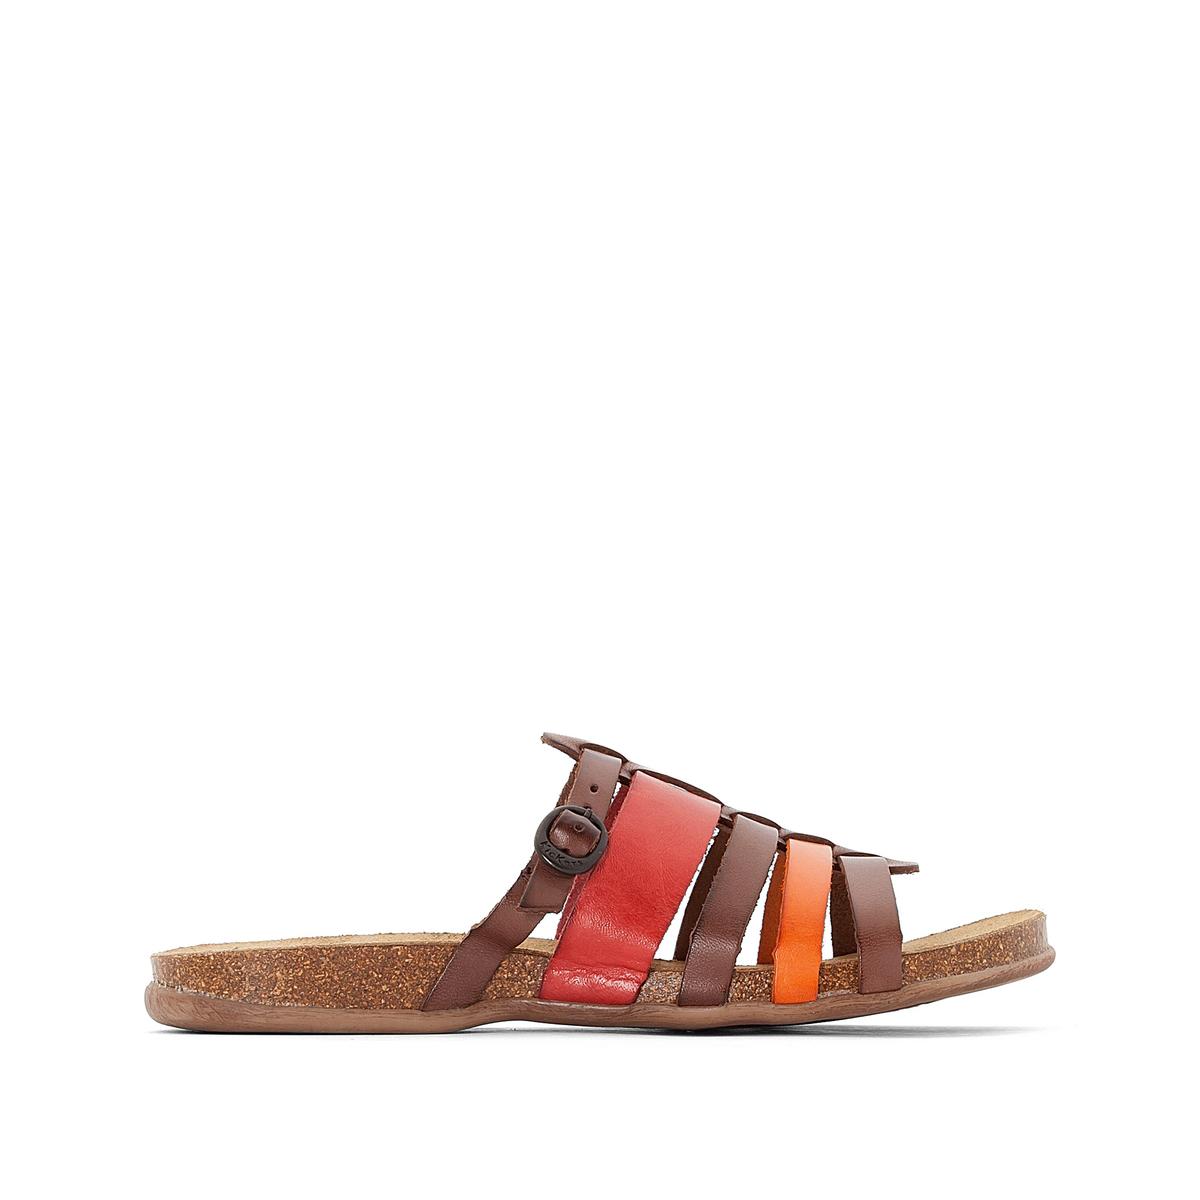 Босоножки кожаные AnaelleВерх: кожа.     Подкладка: без подкладки.Стелька: невыделанная кожа.Подошва: каучук.    Высота каблука: 2 см.    Форма каблука: плоский каблук.Мысок: открытый.Застежка: ремешок с пряжкой.<br><br>Цвет: разноцветный,черный<br>Размер: 37